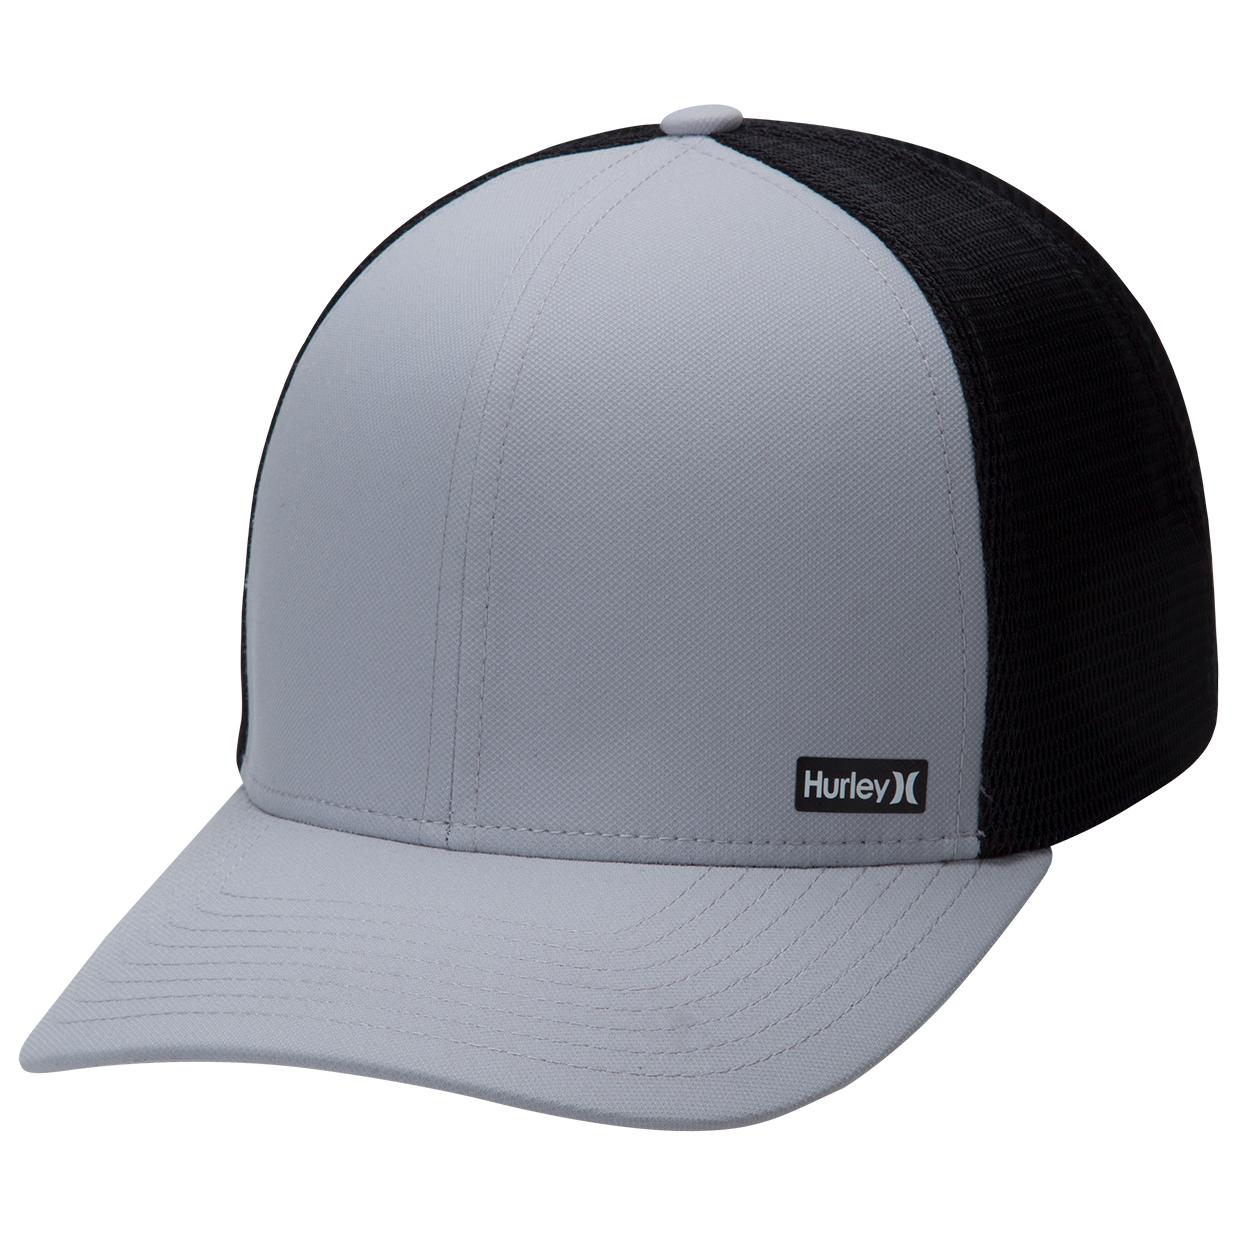 b22a9698824 Hurley League Hat - Cap Men s